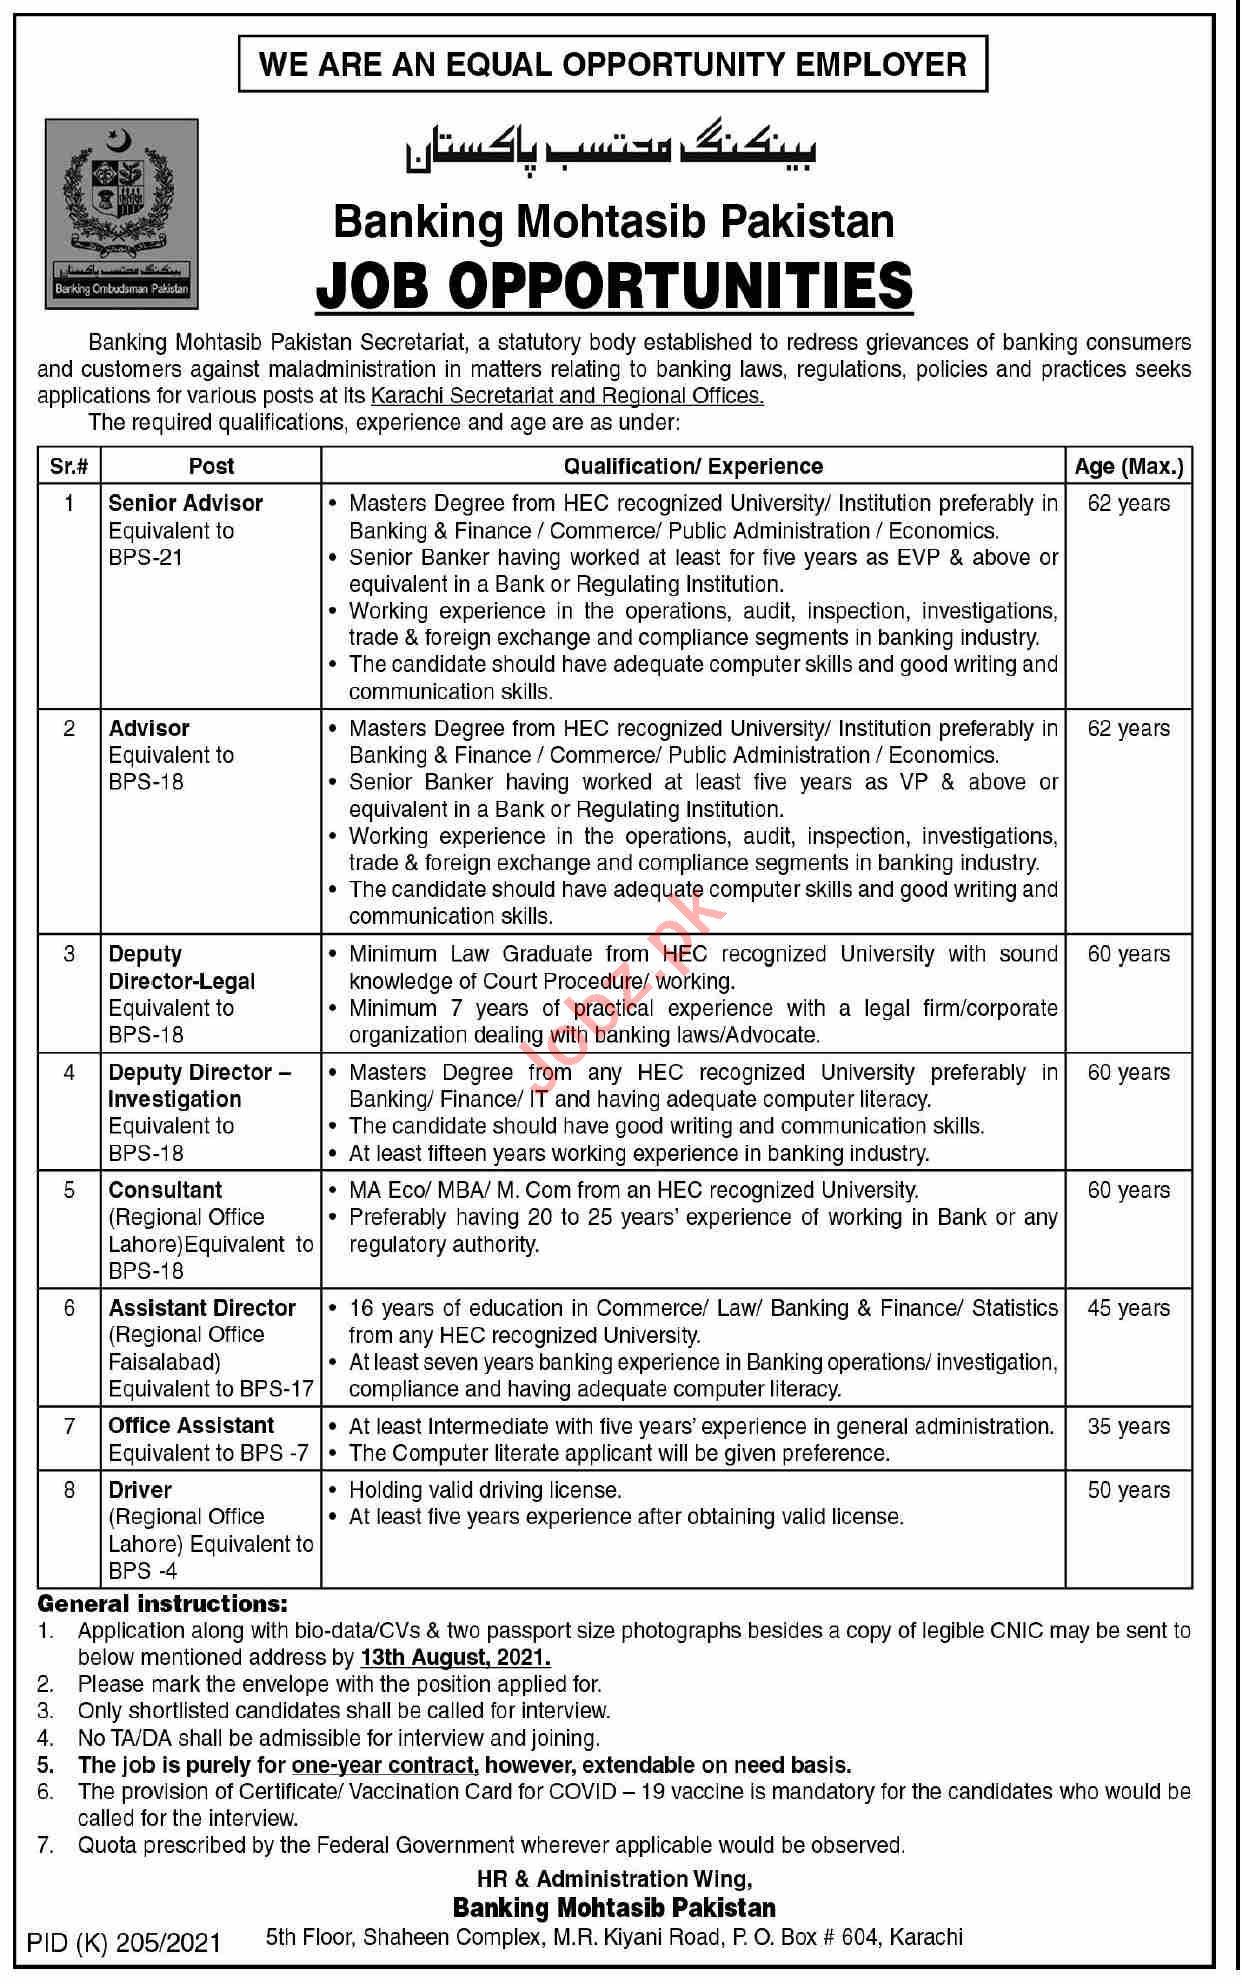 Jobs in Banking Mohtasib Pakistan